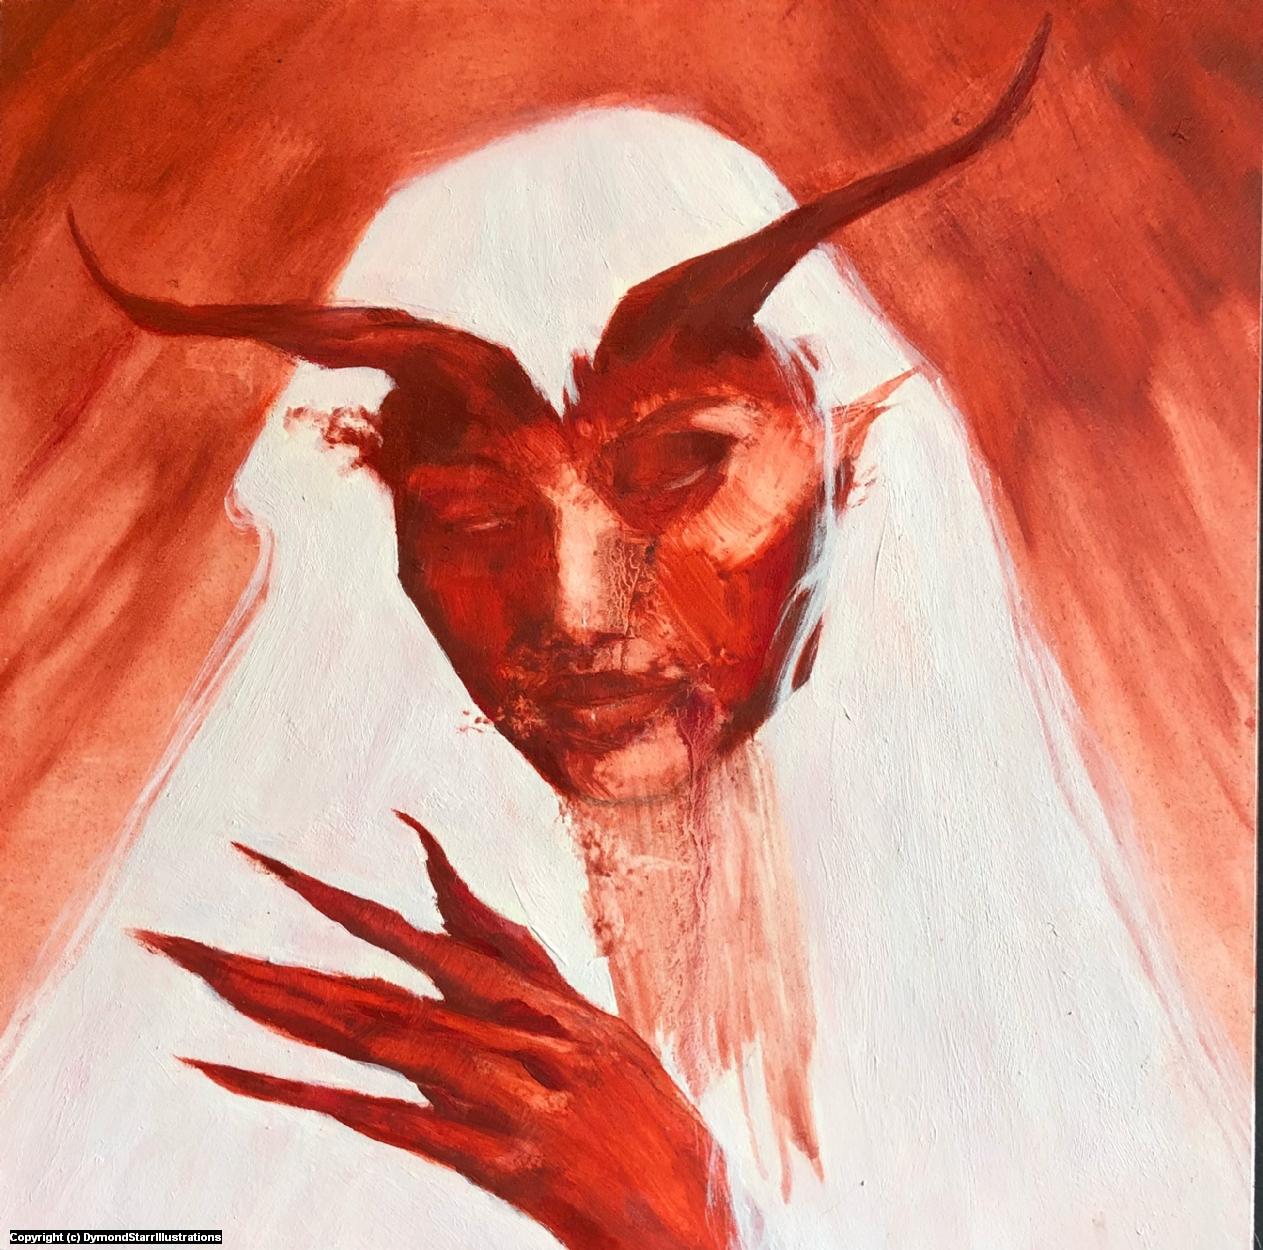 Blood Mistress Artwork by Dymond Starr Boutte'